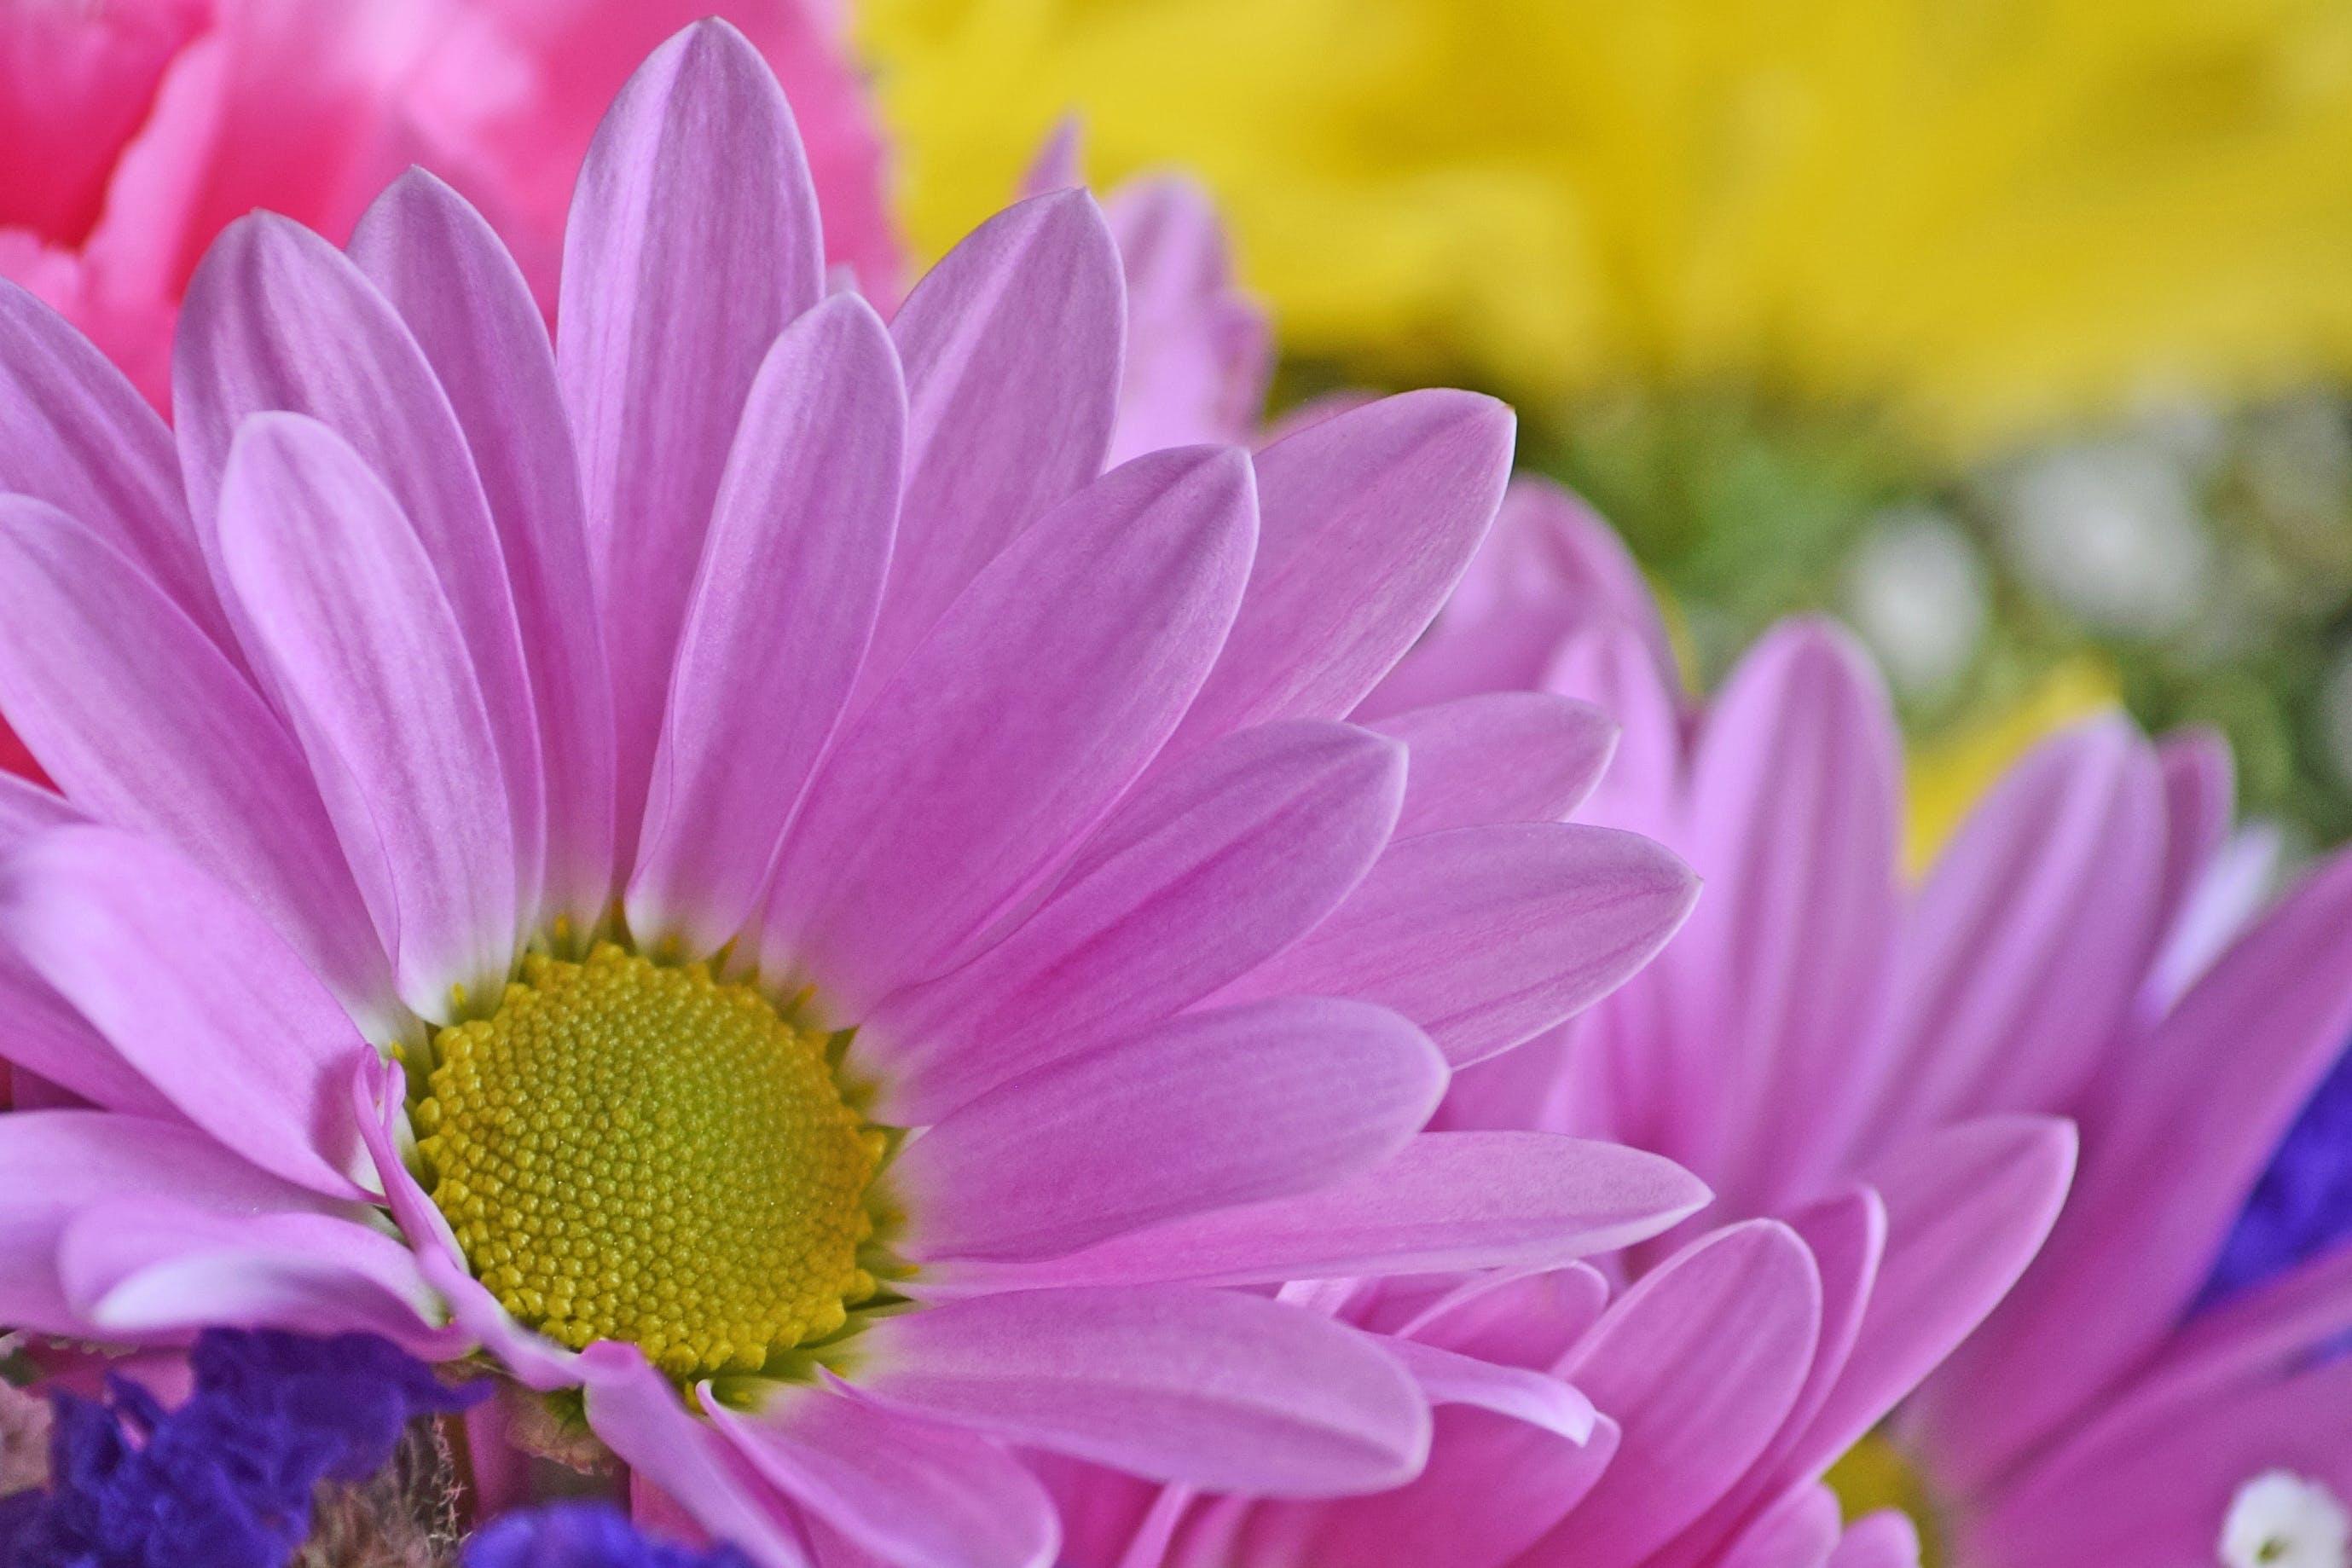 beautiful flower, daisy, flower